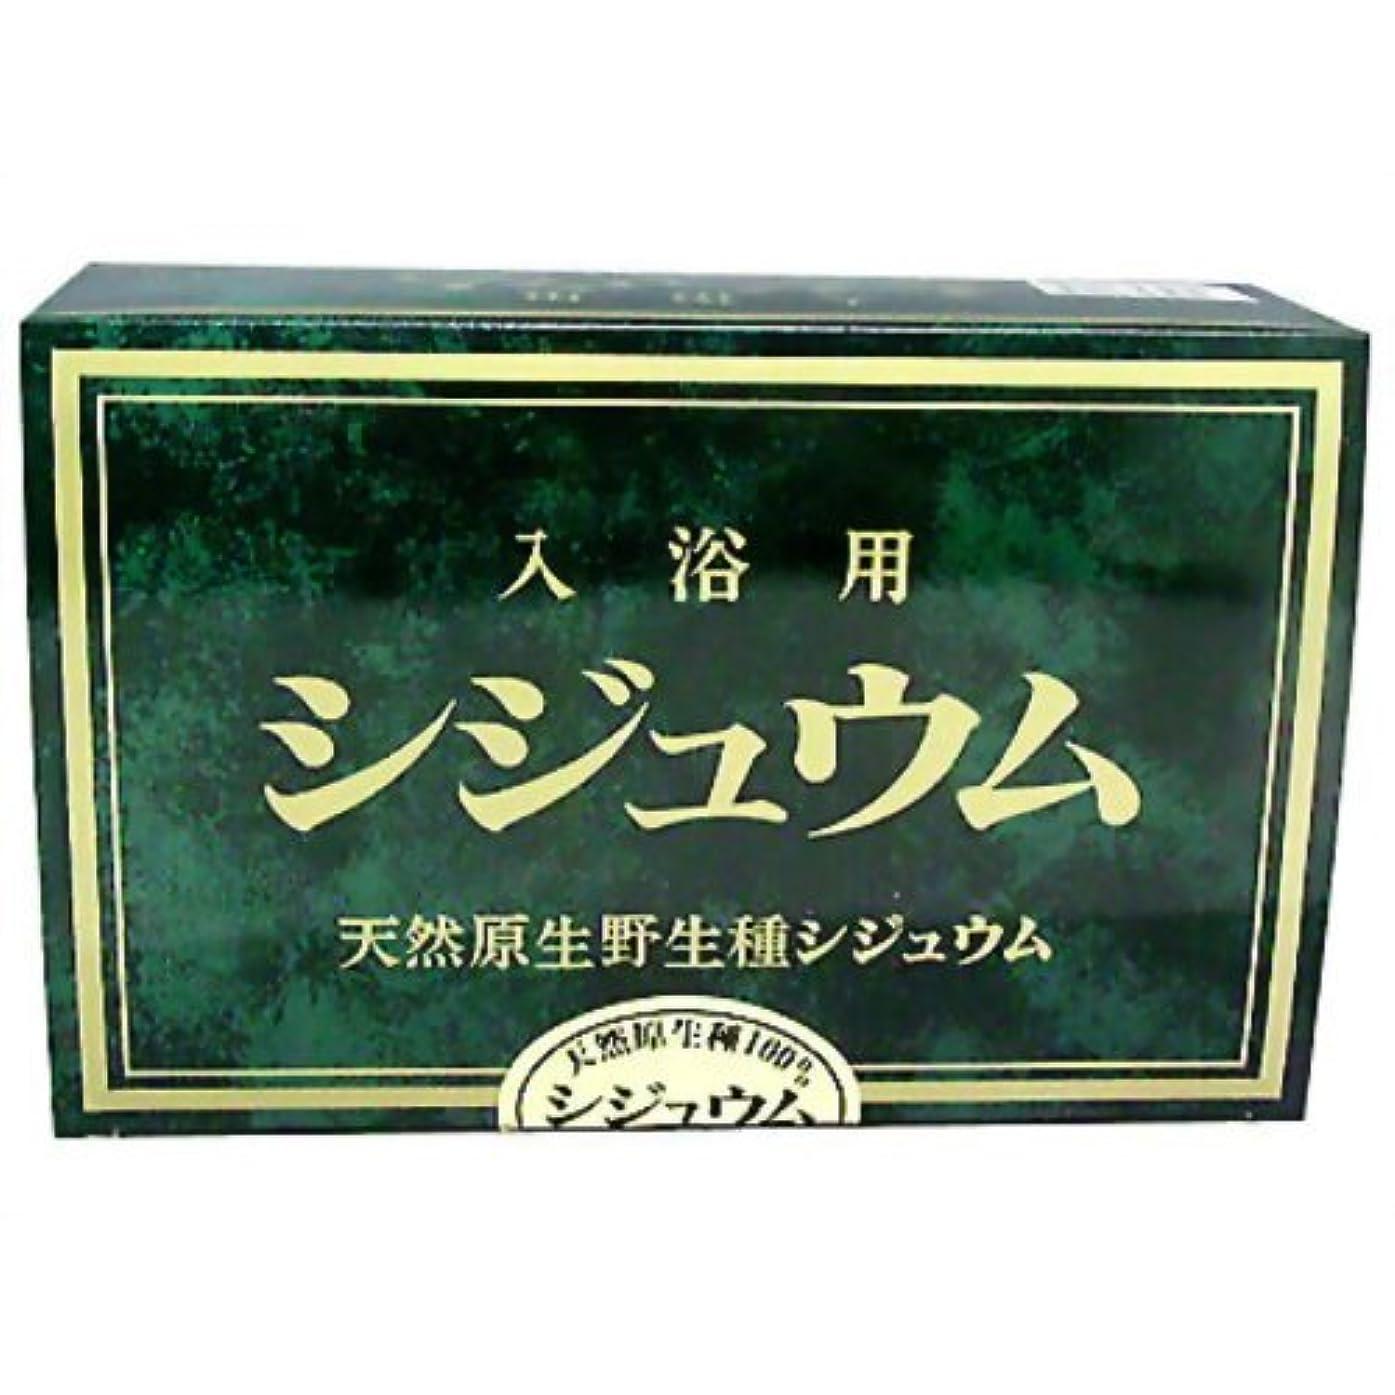 反逆者サイズシャイ入浴用シジュウム(入浴剤)